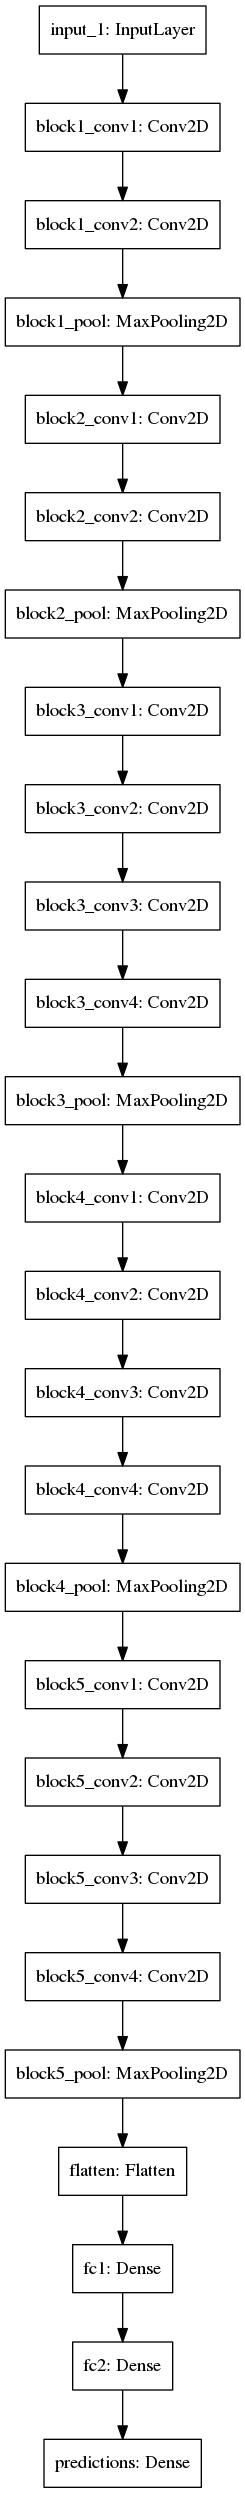 VGG19 Model Diagram